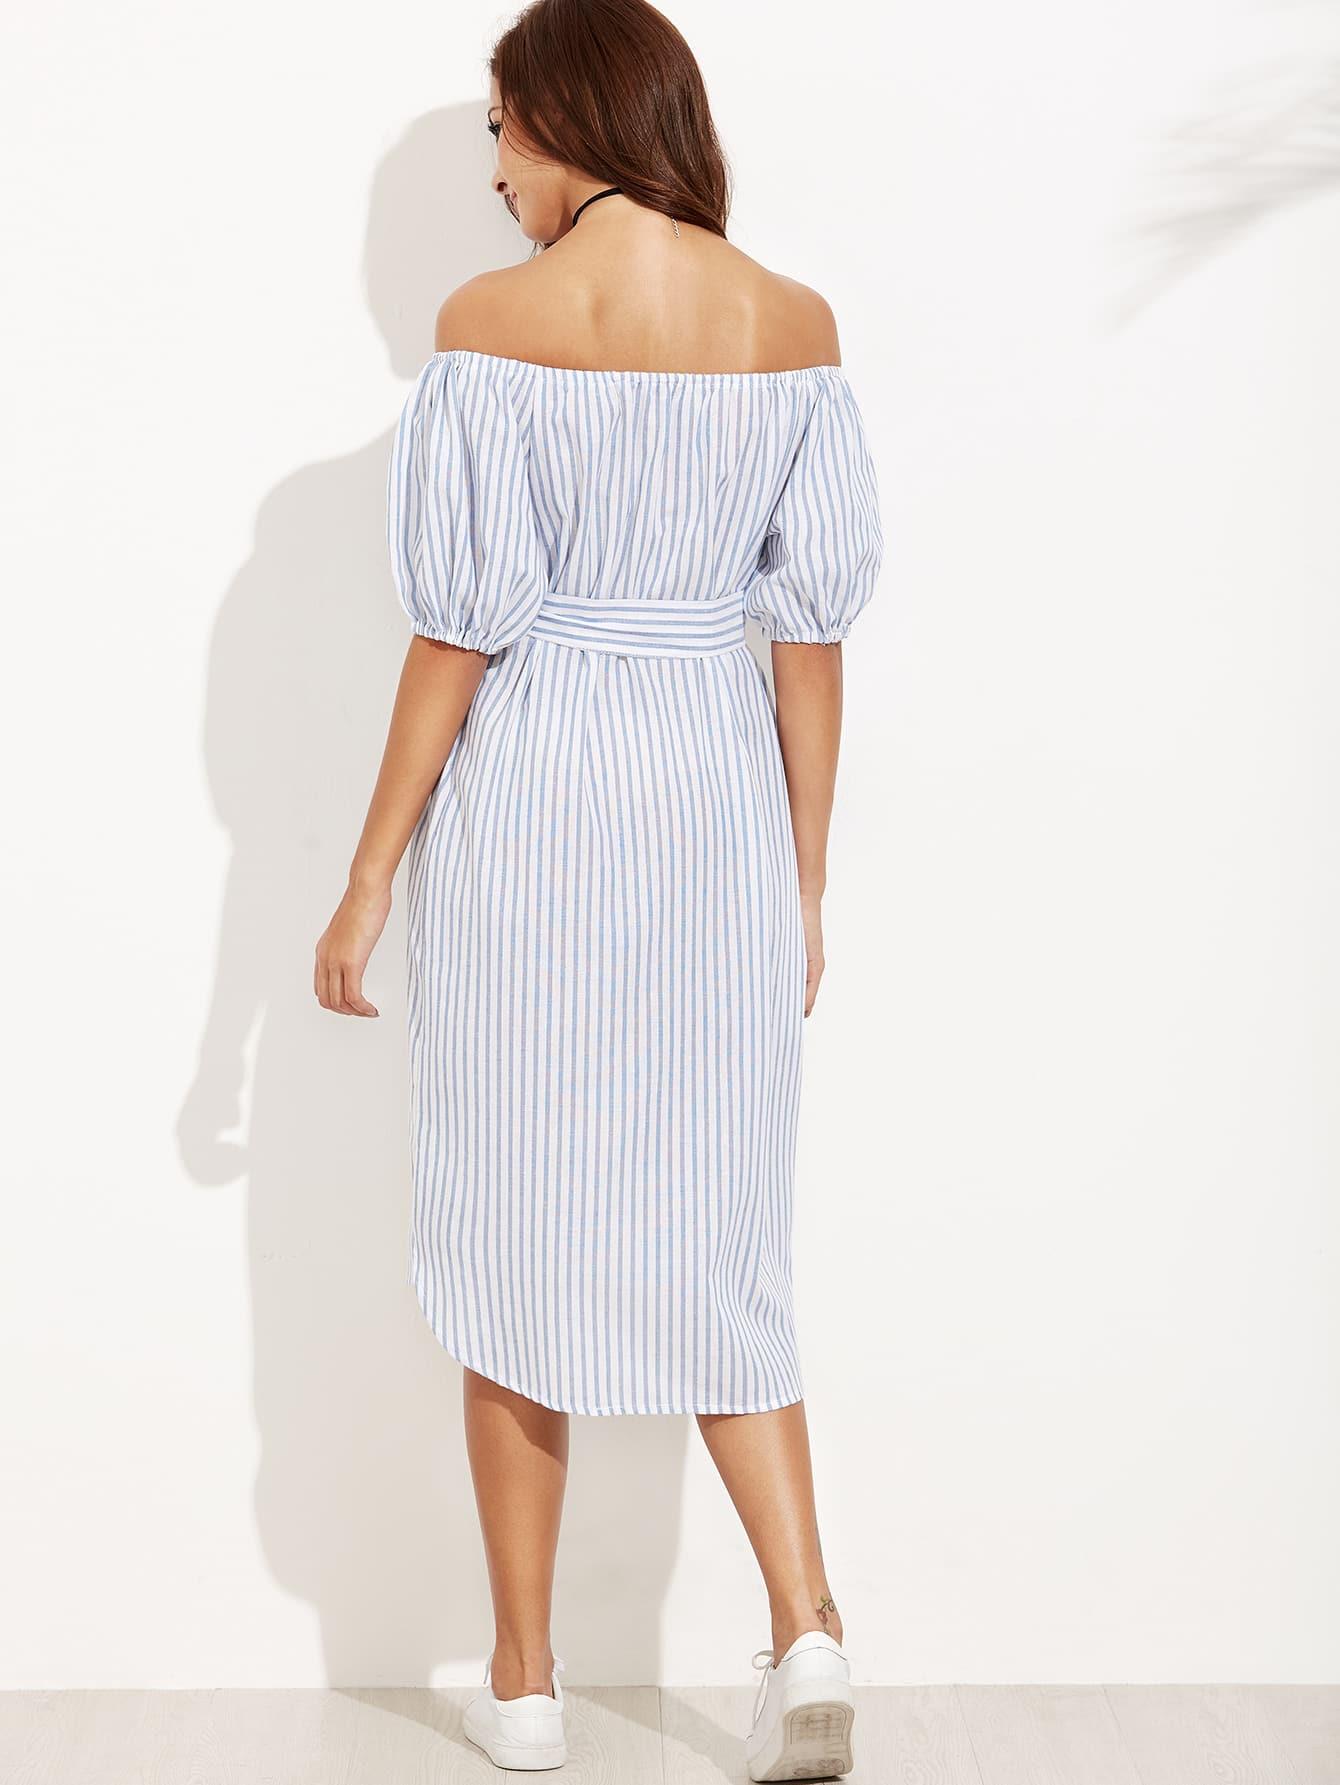 dress160817103_2